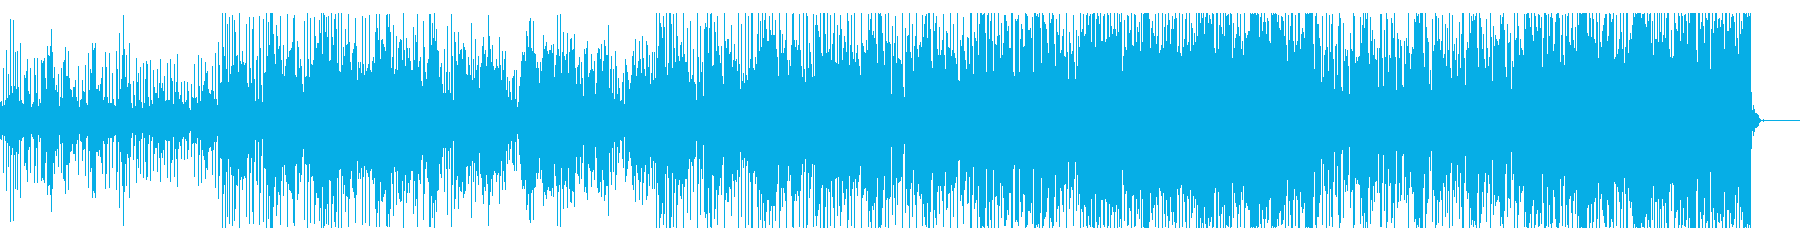 奇妙に捻れたテクスチャIDMの再生済みの波形